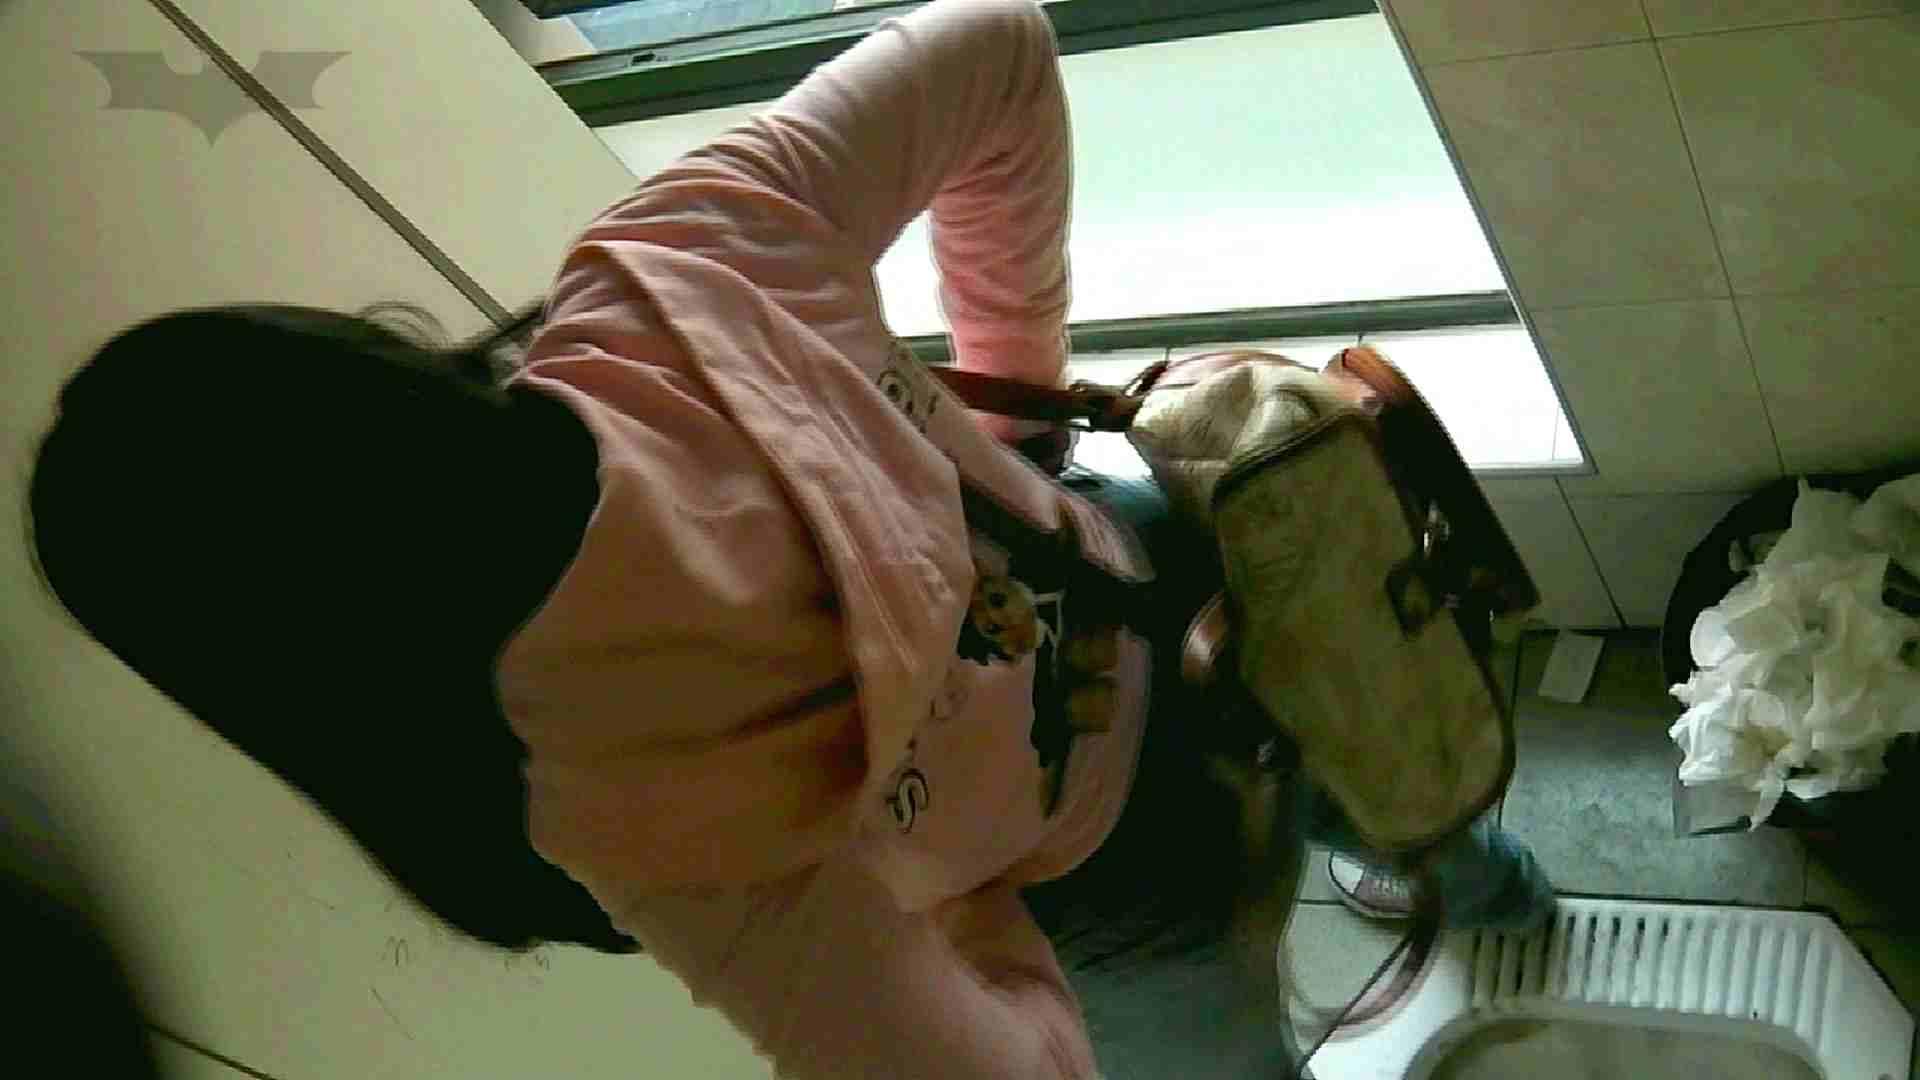 無修正エロ動画|世界の射窓から ステーション編 vol.2|怪盗ジョーカー